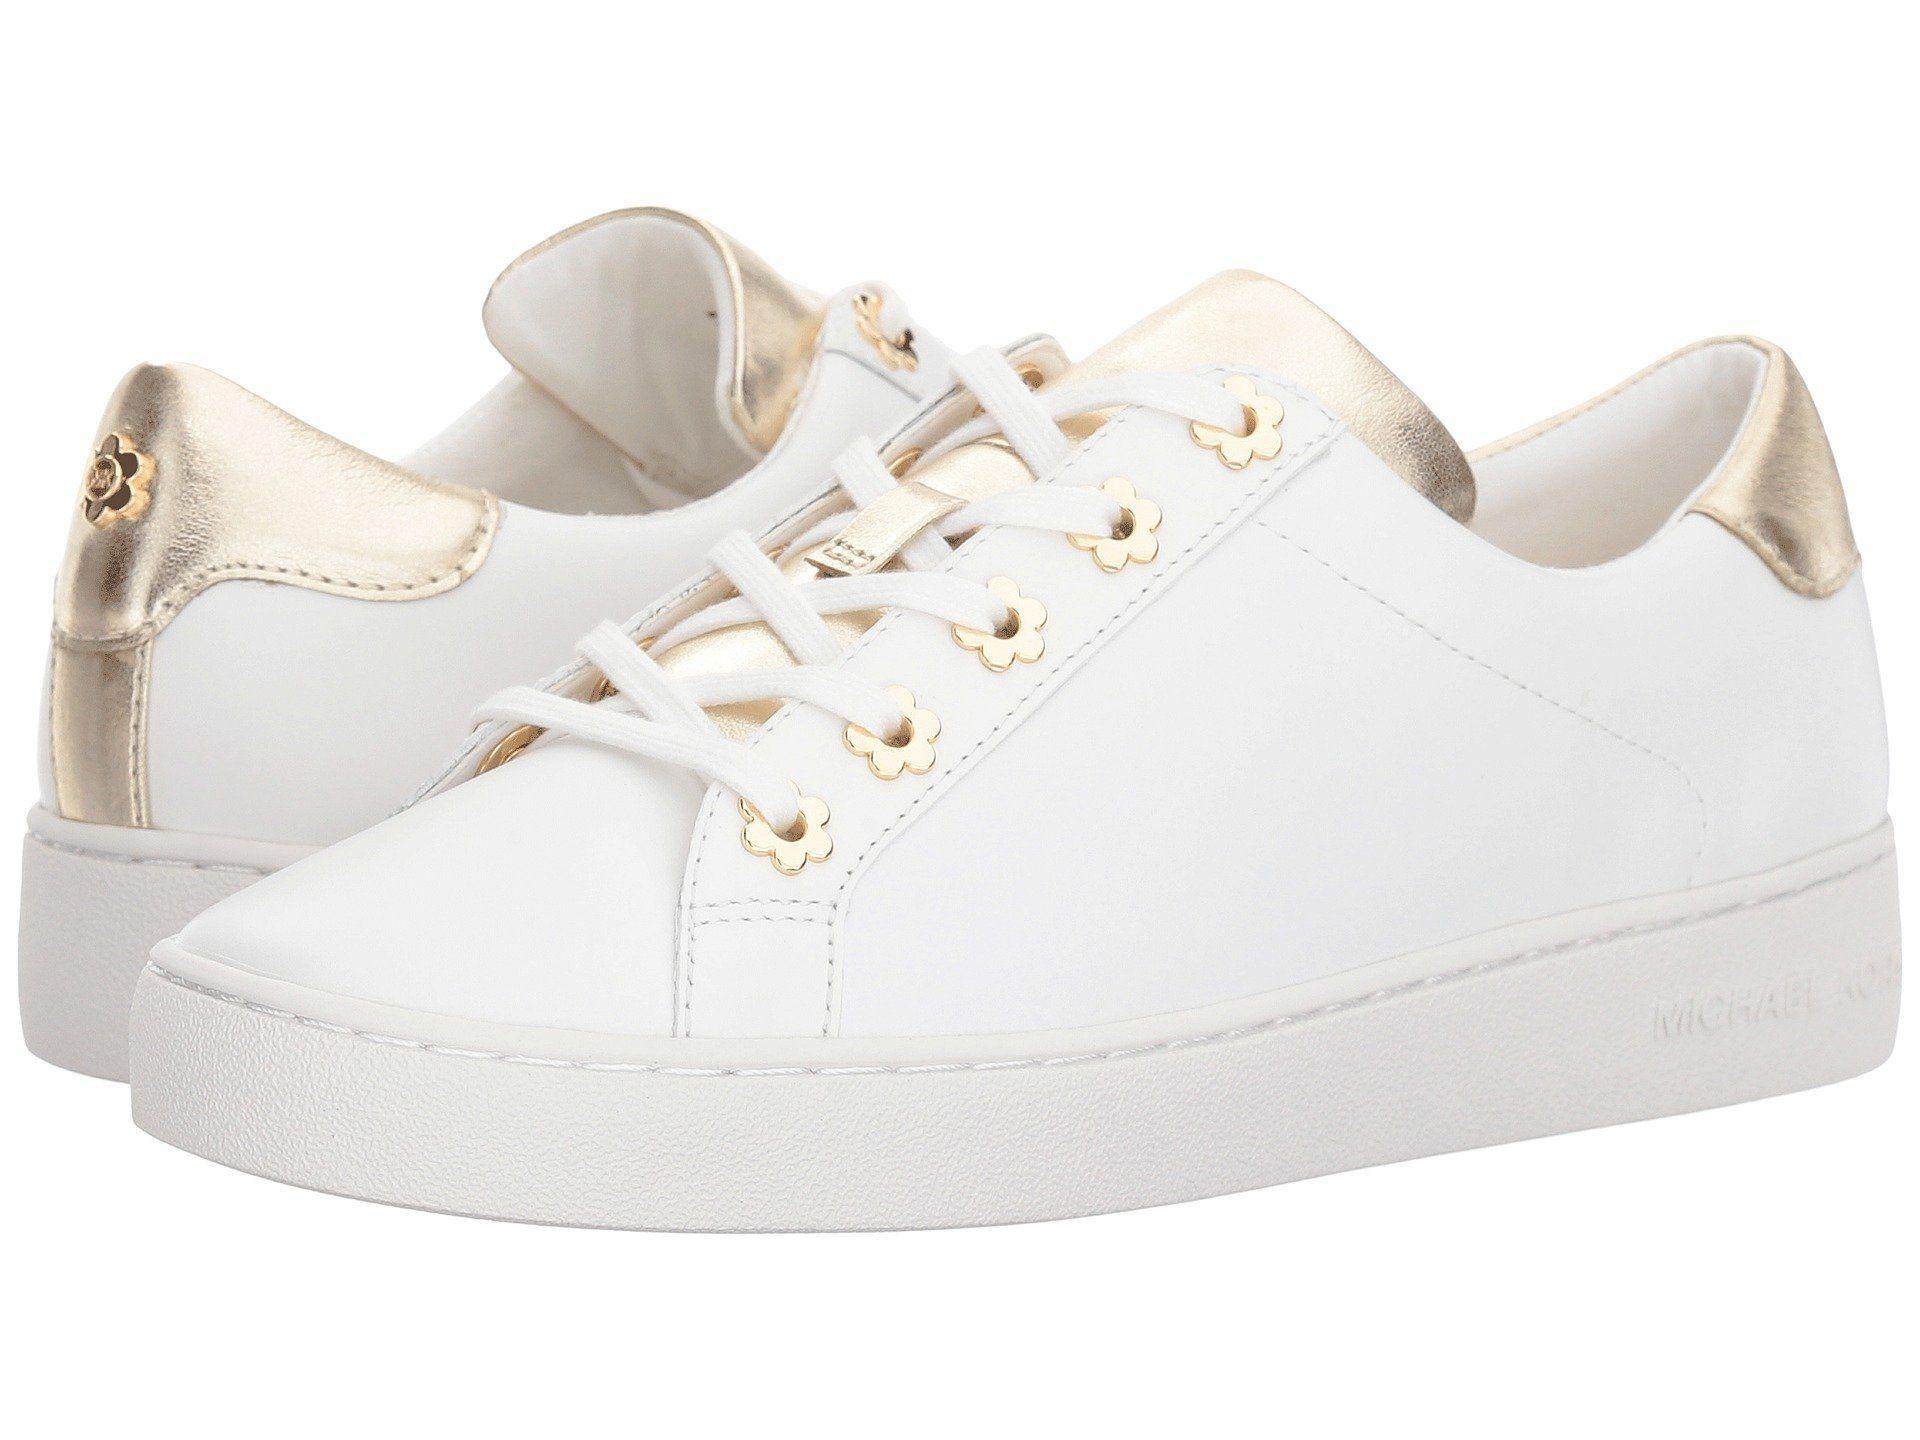 d00a9f073910a MICHAEL Michael Kors Irving Lace Up Shoes